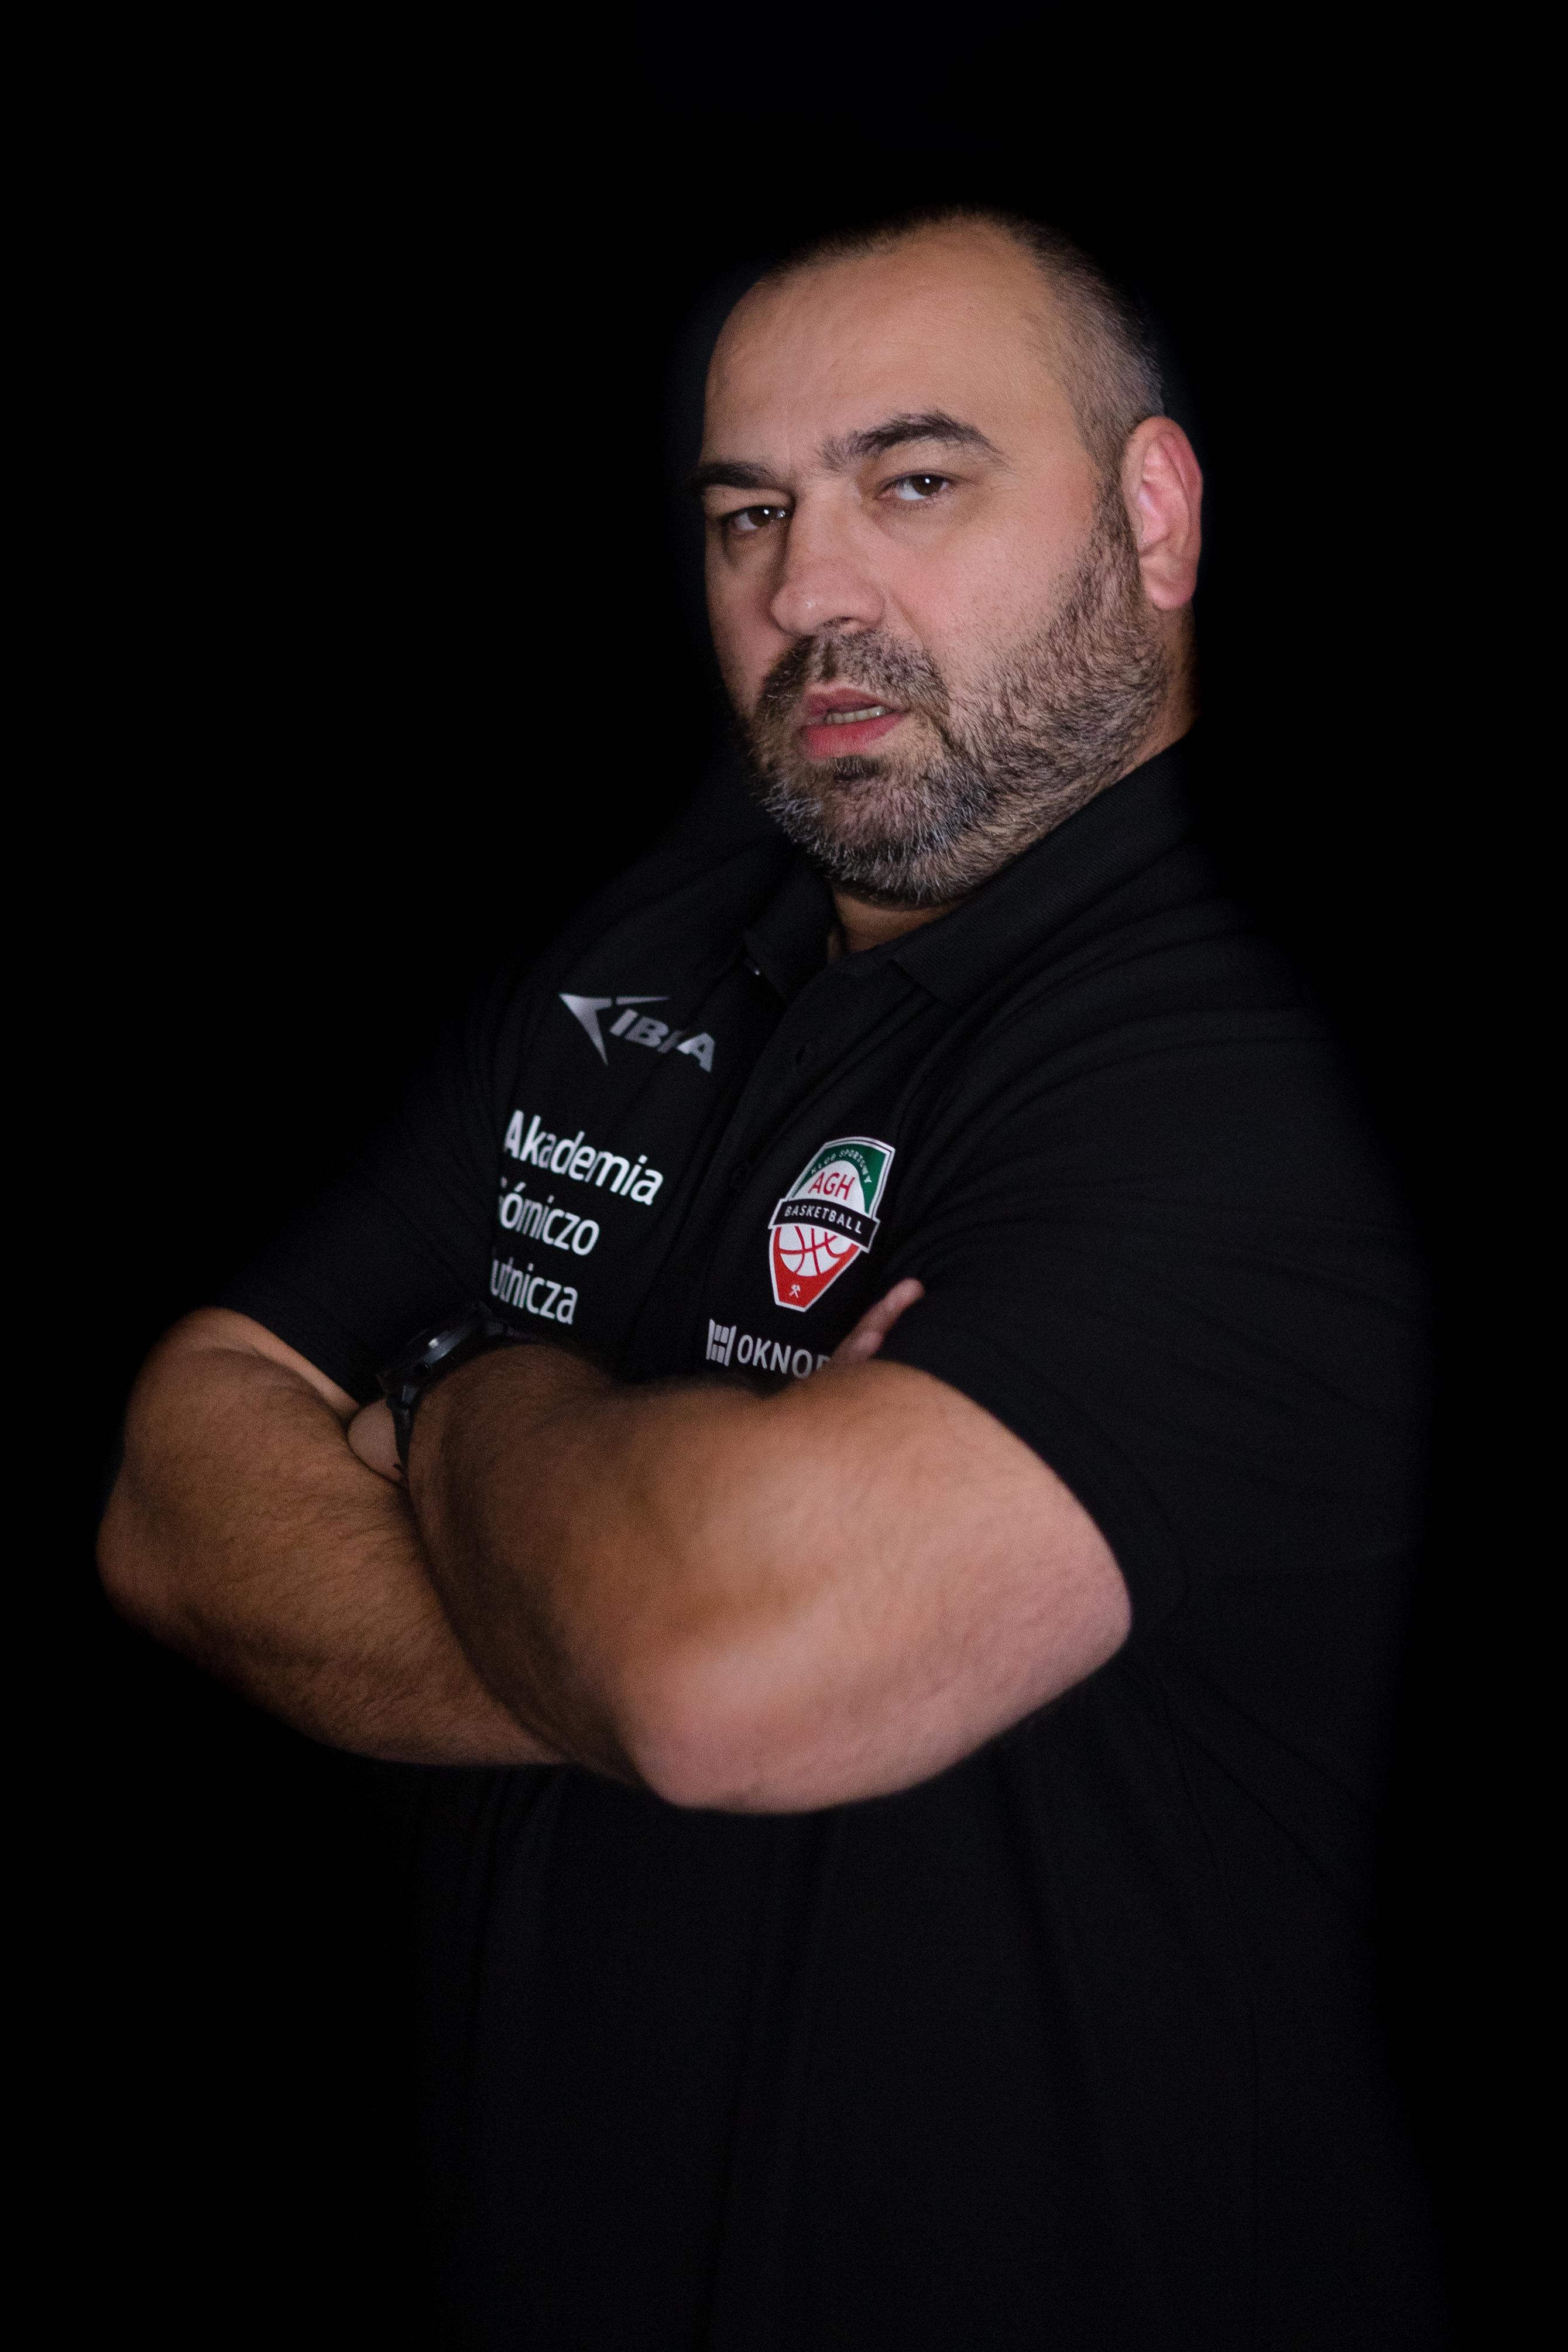 Wojciech Bychawski